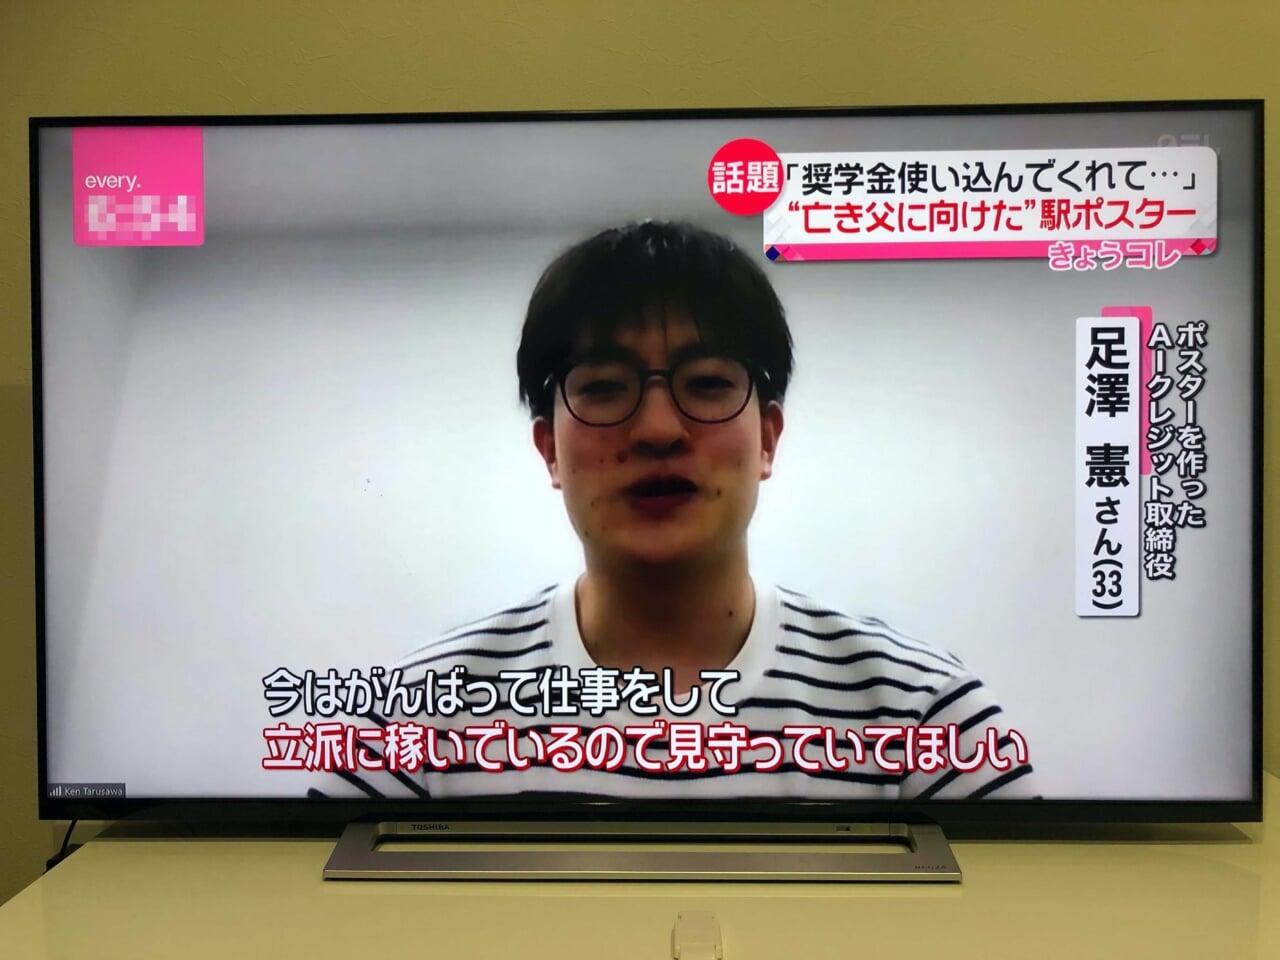 日テレevery放送画像3